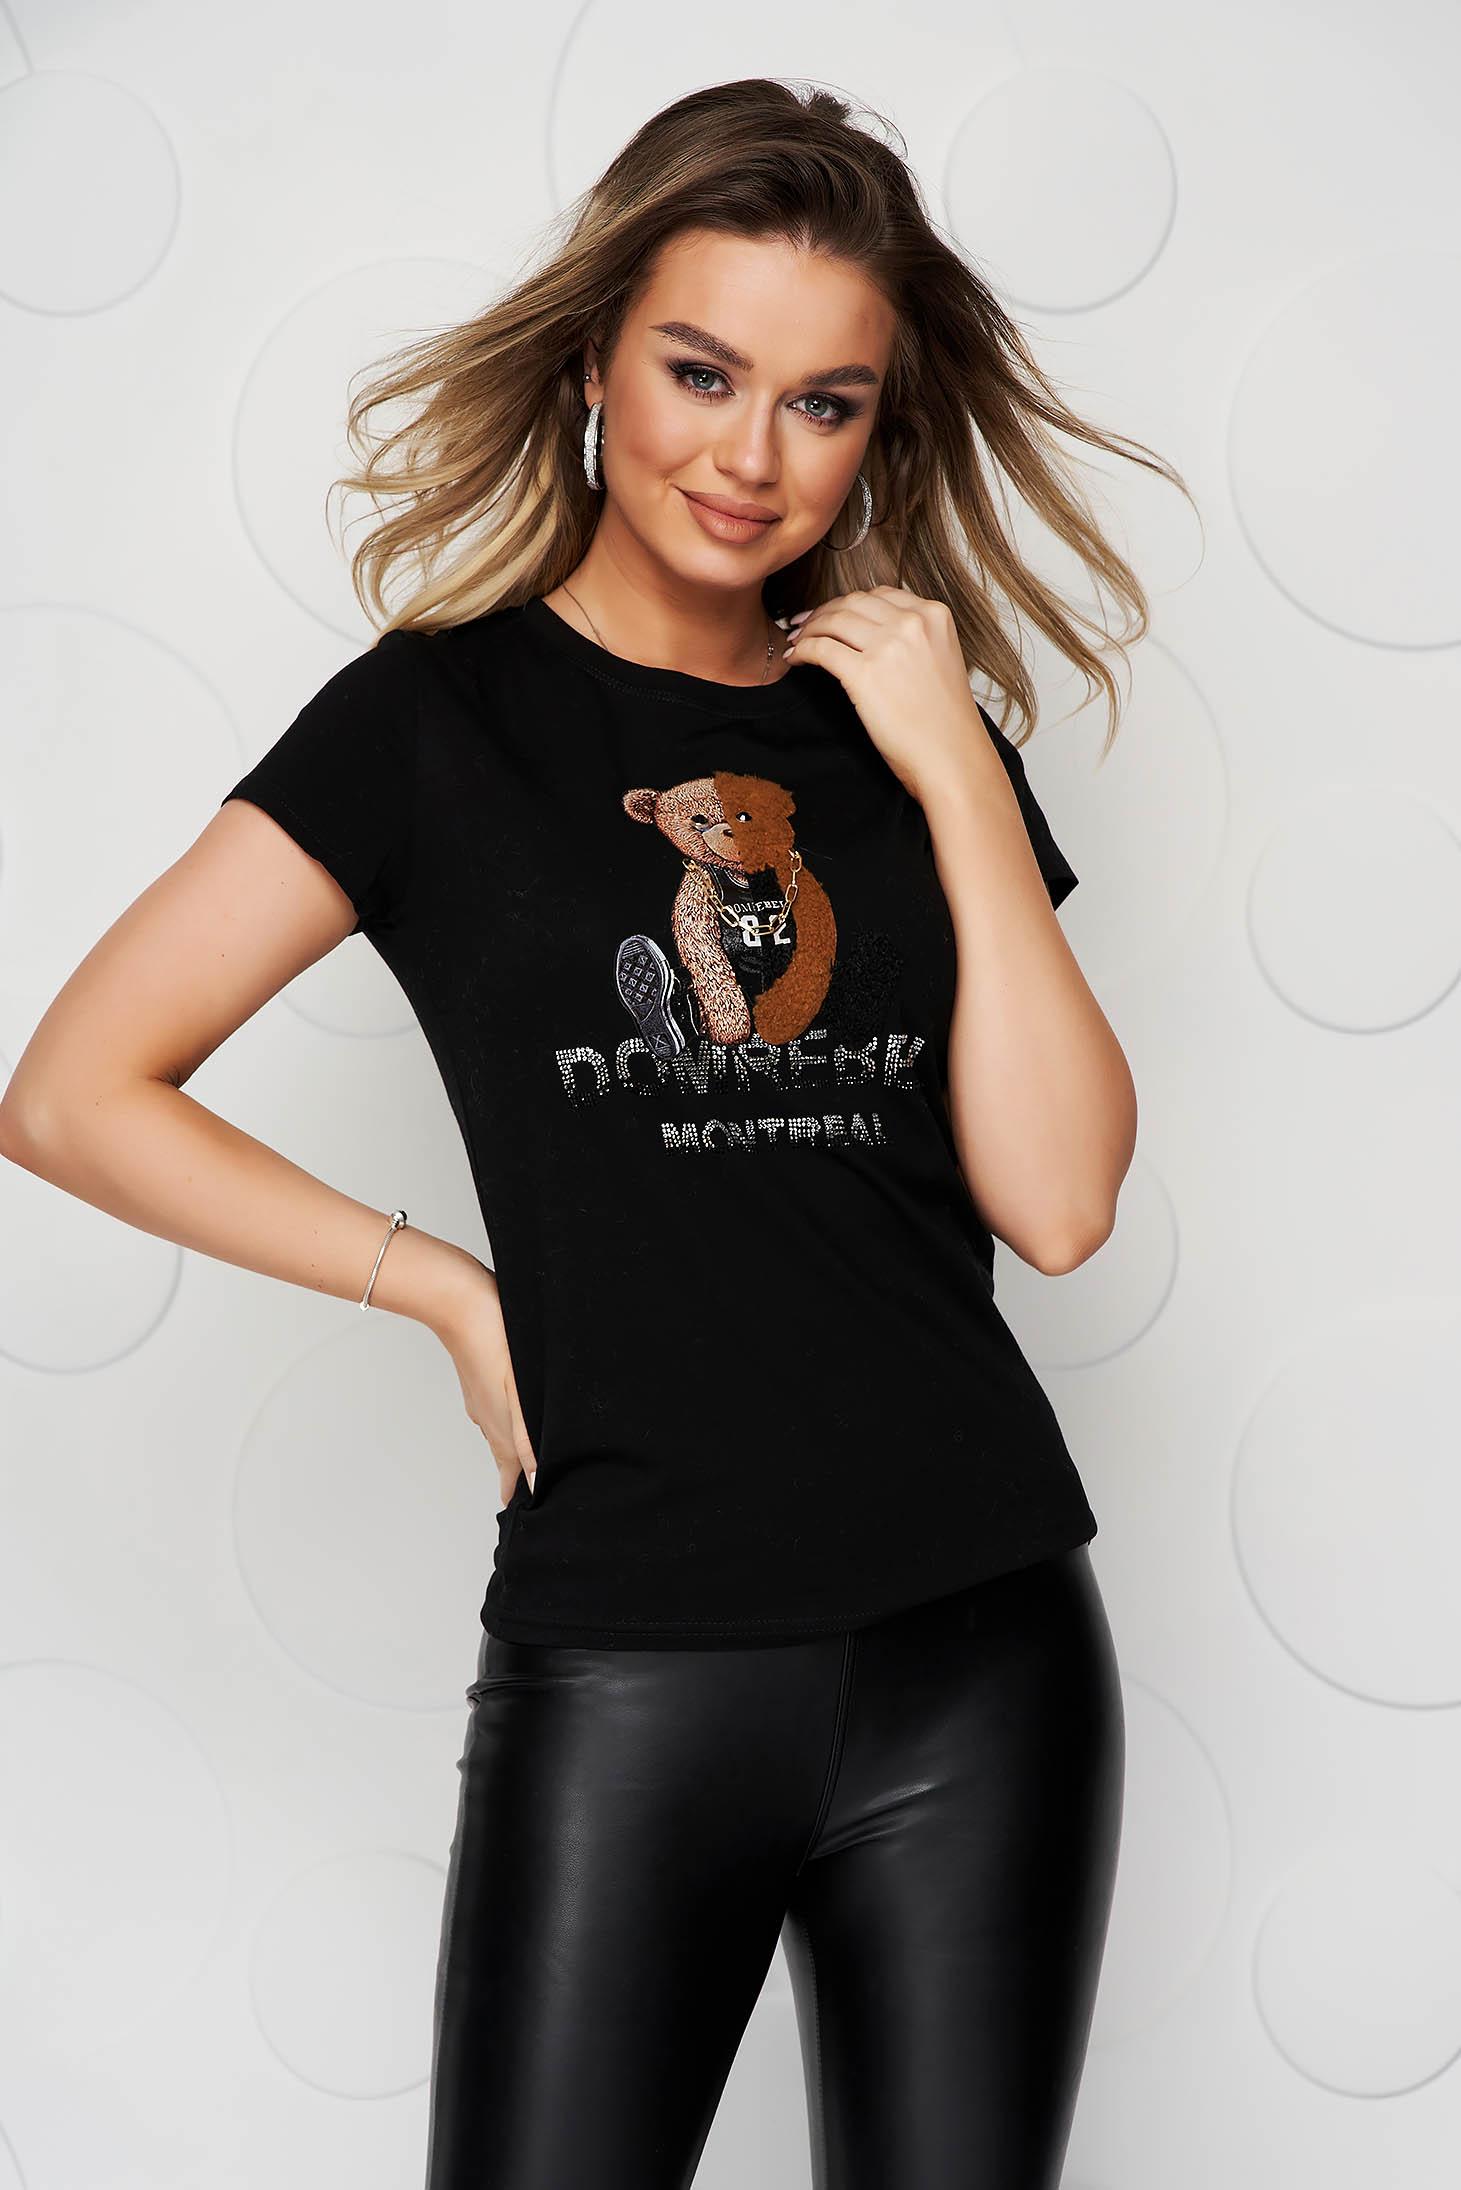 Tricou SunShine negru din bumbac mulat cu maneca scurta si cu imprimeuri grafice